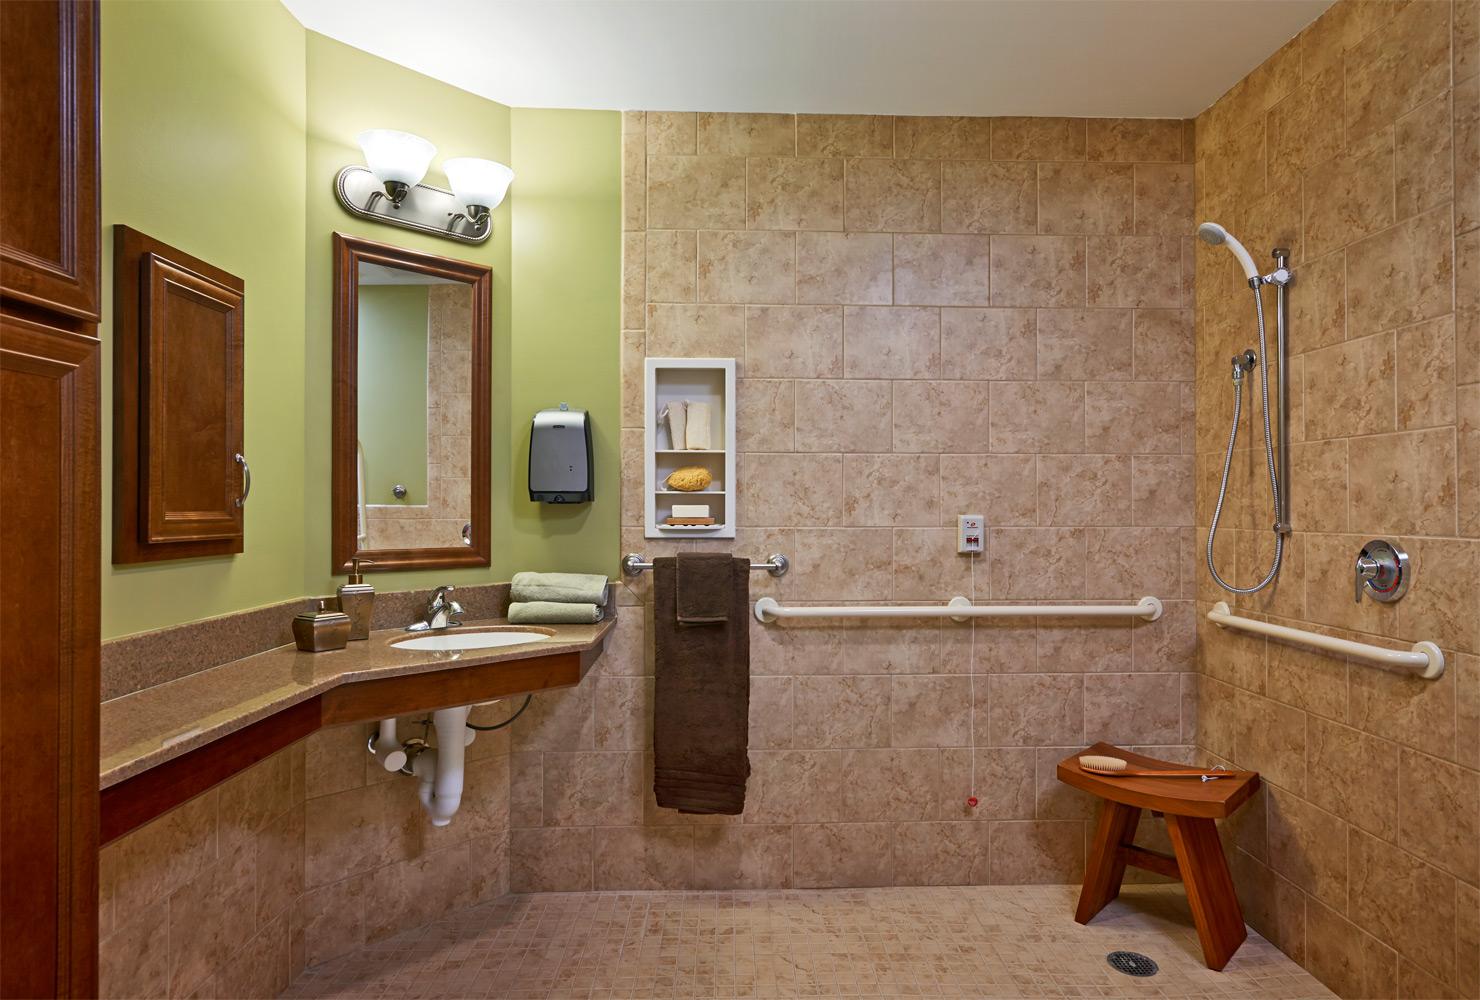 Brandermill Woods Skilled Care Bathroom Photo